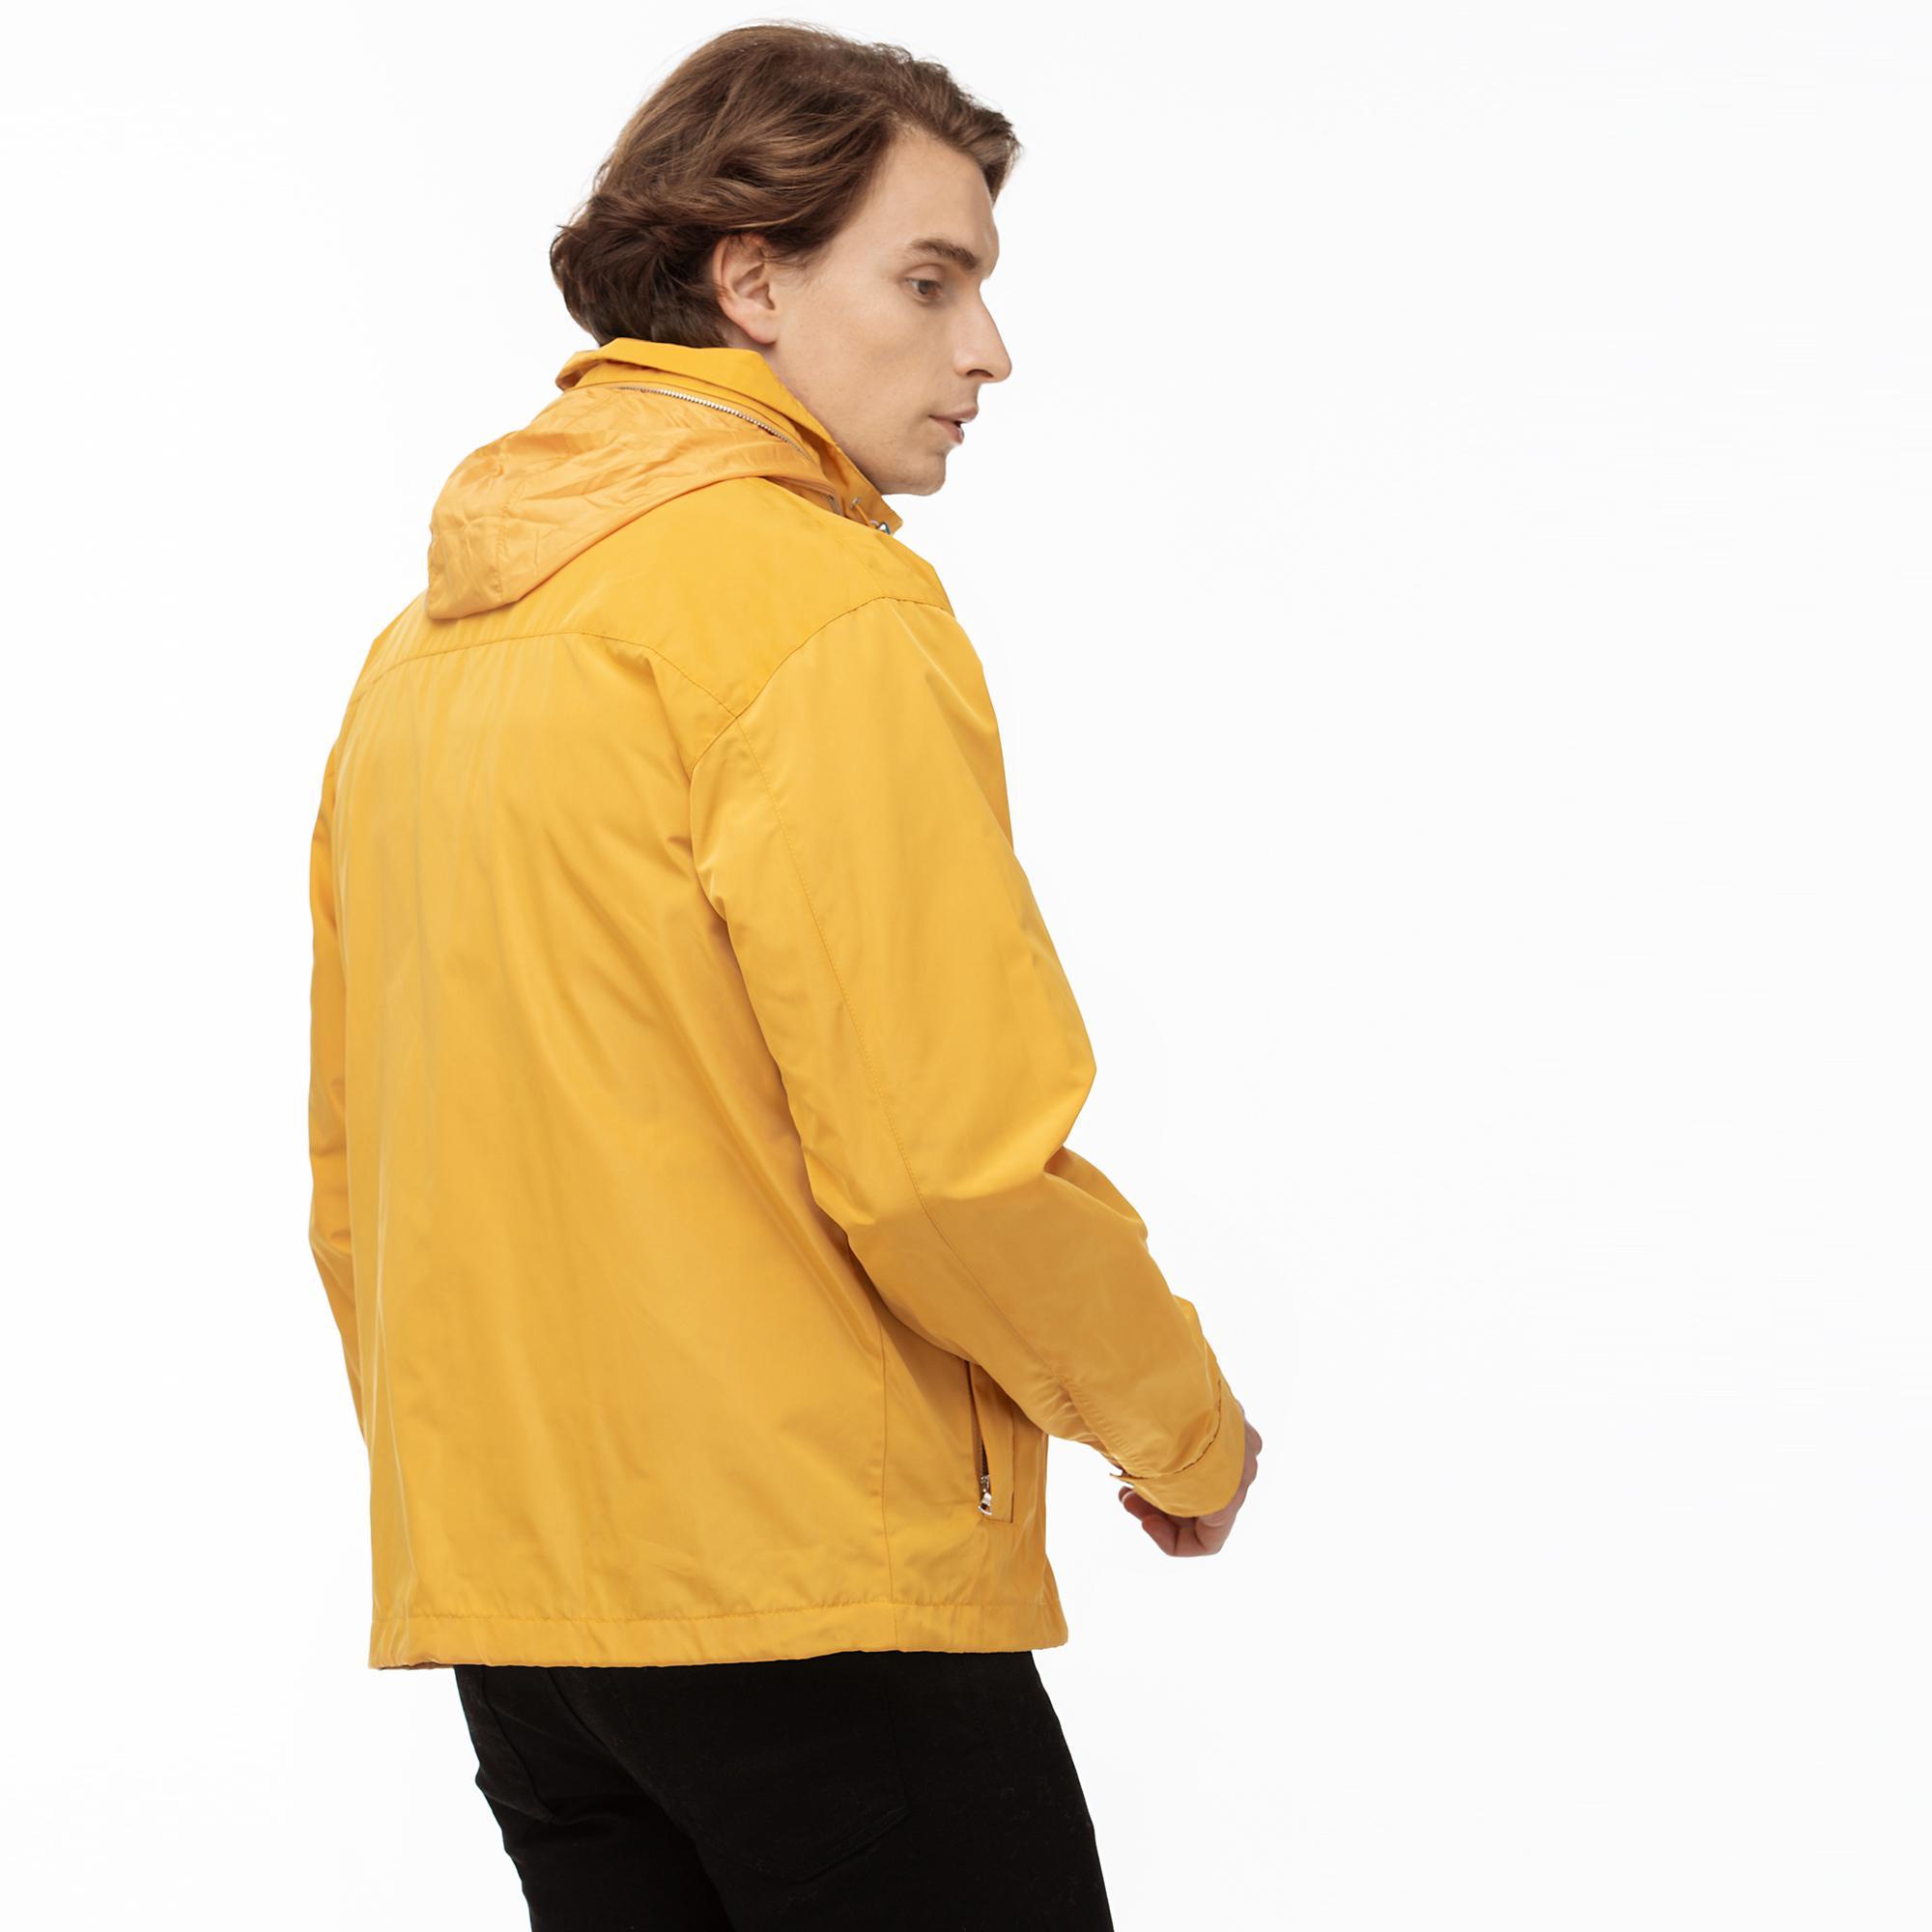 Lacoste Erkek Gizlenebilir Kapüşonlu Kombinlenebilen Sarı Rüzgarlık